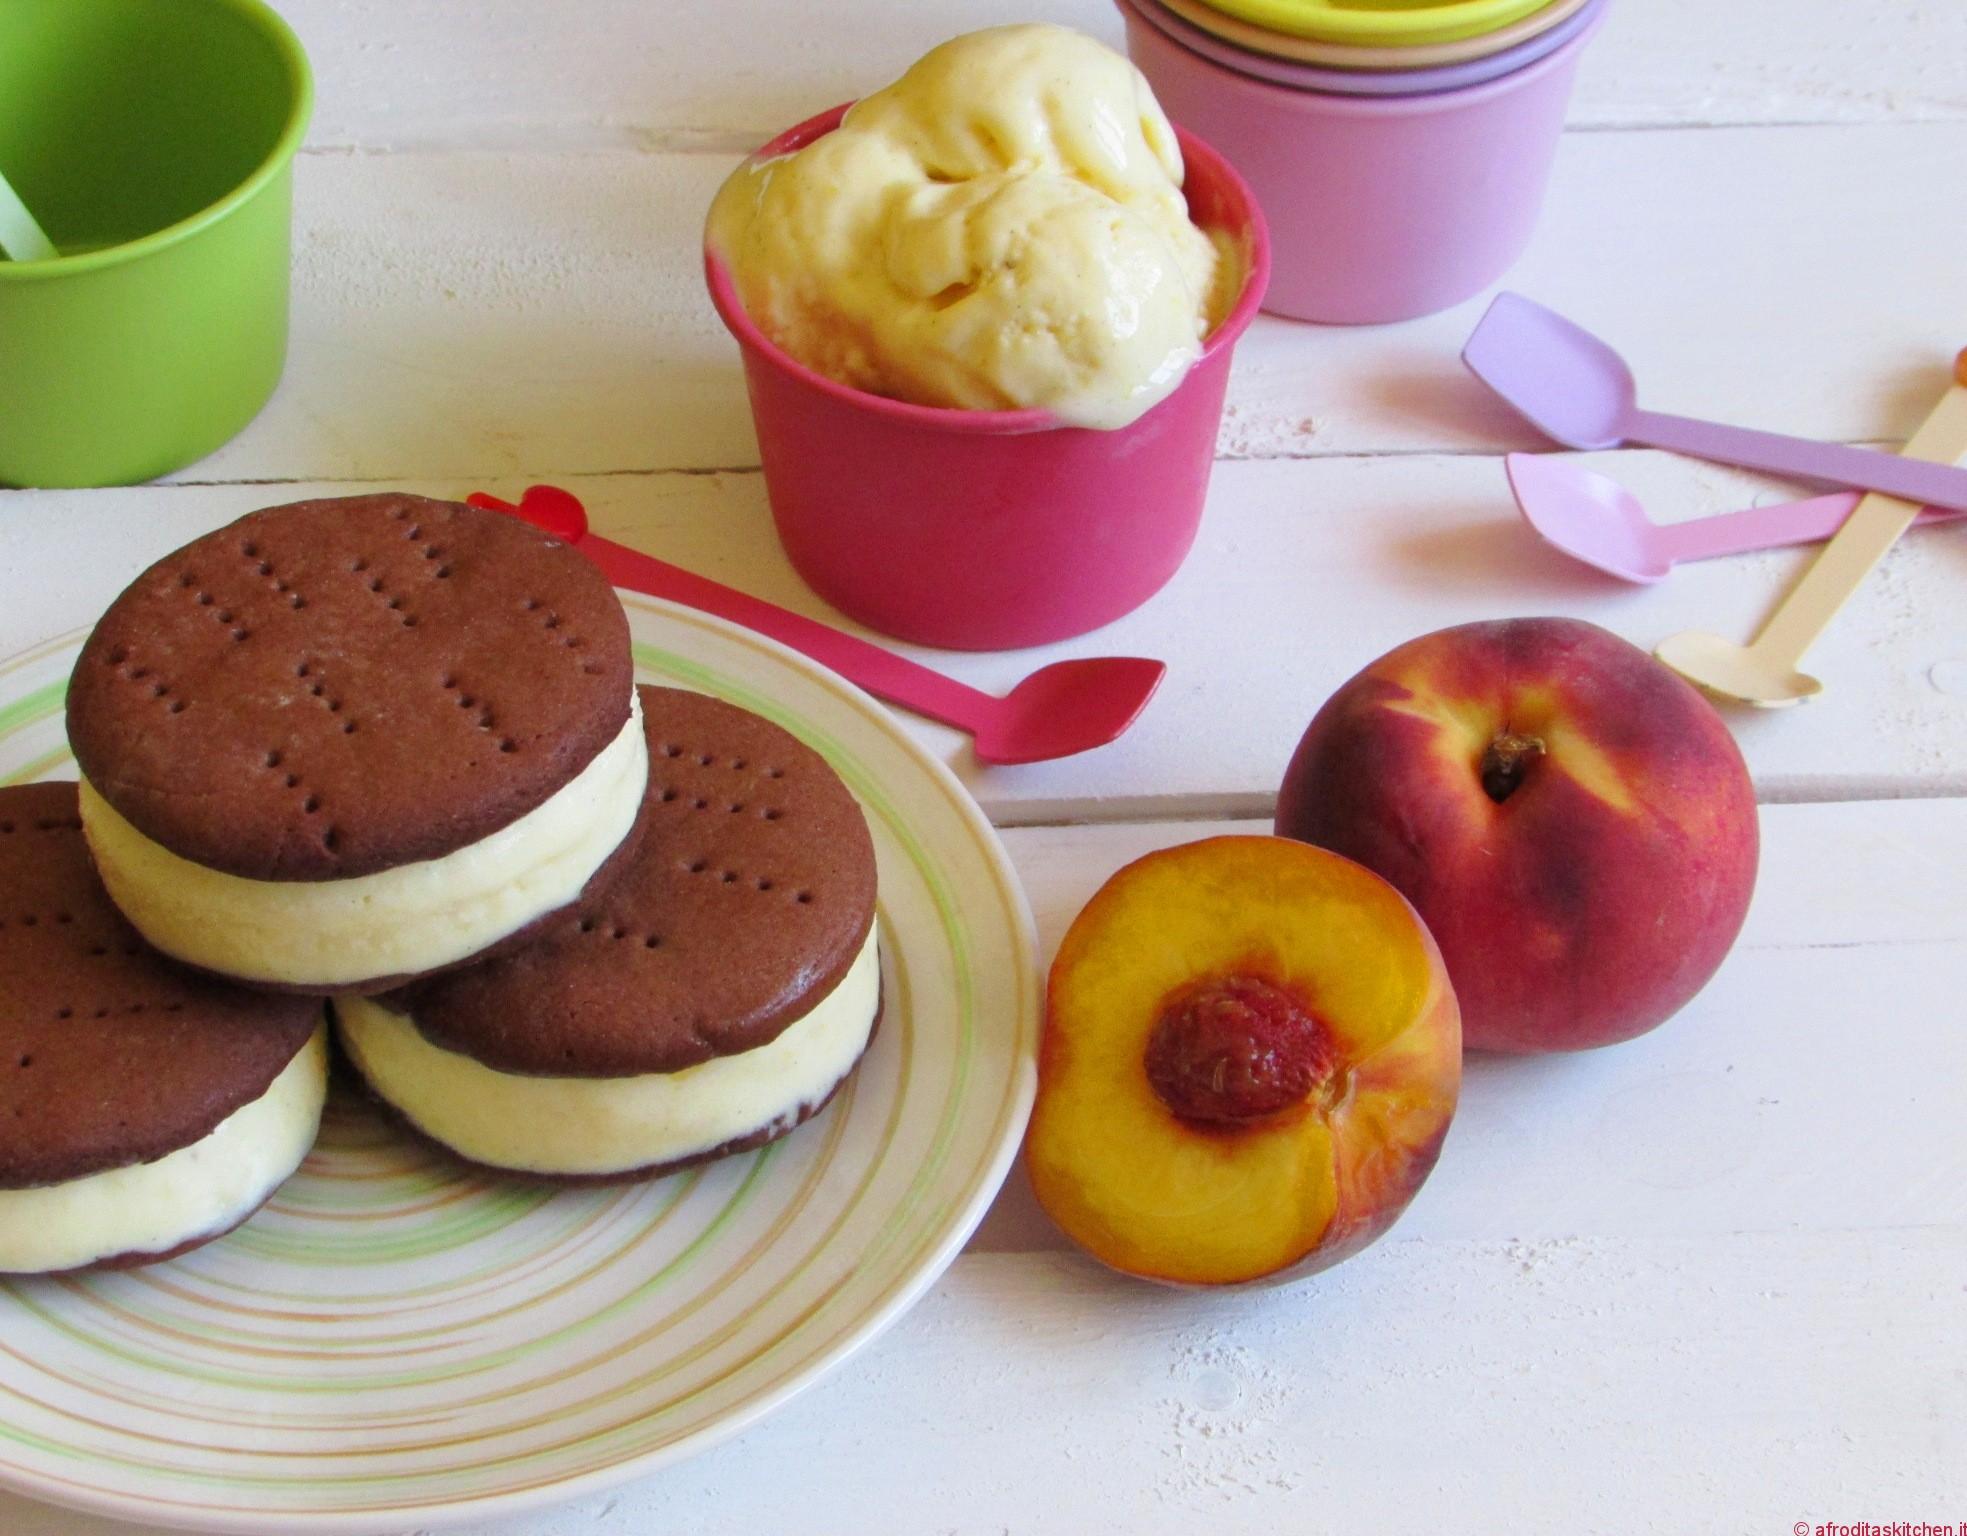 Sandwich ice cream con gelato alla pesca senza gelatiera e biscotto al cioccolato di Montersino